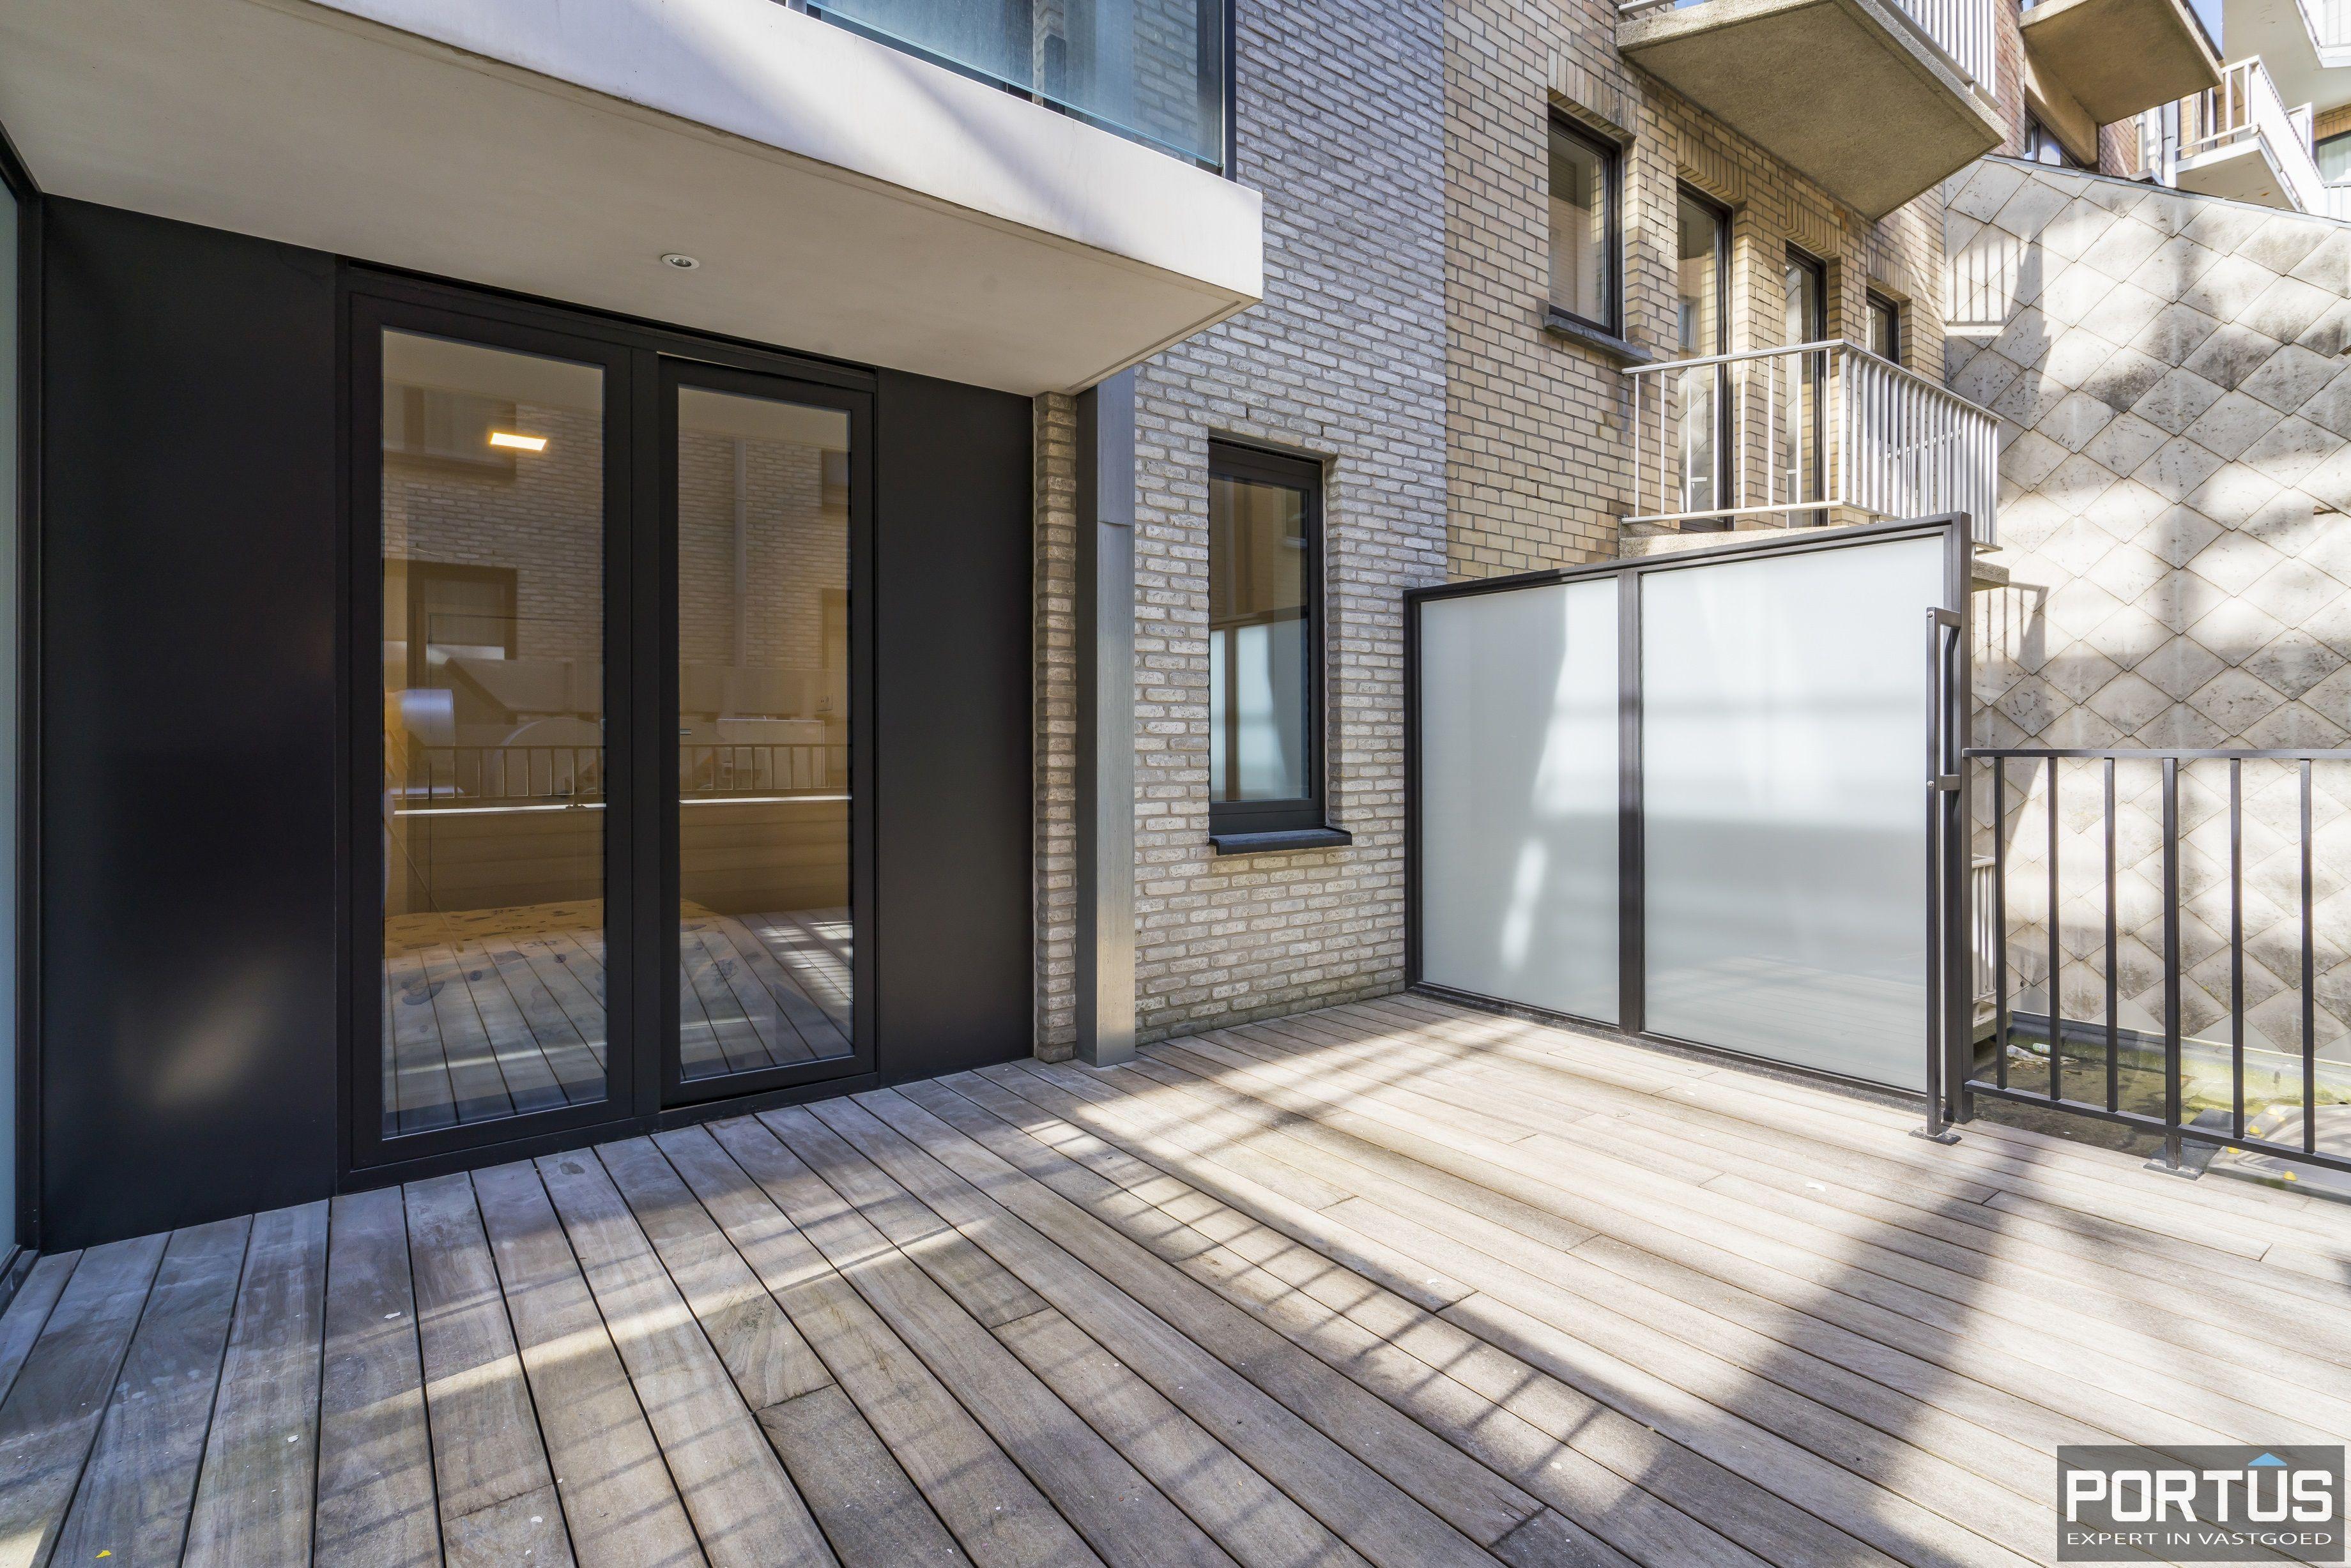 Recent appartement te koop te Nieuwpoort met frontaal zeezicht - 13046